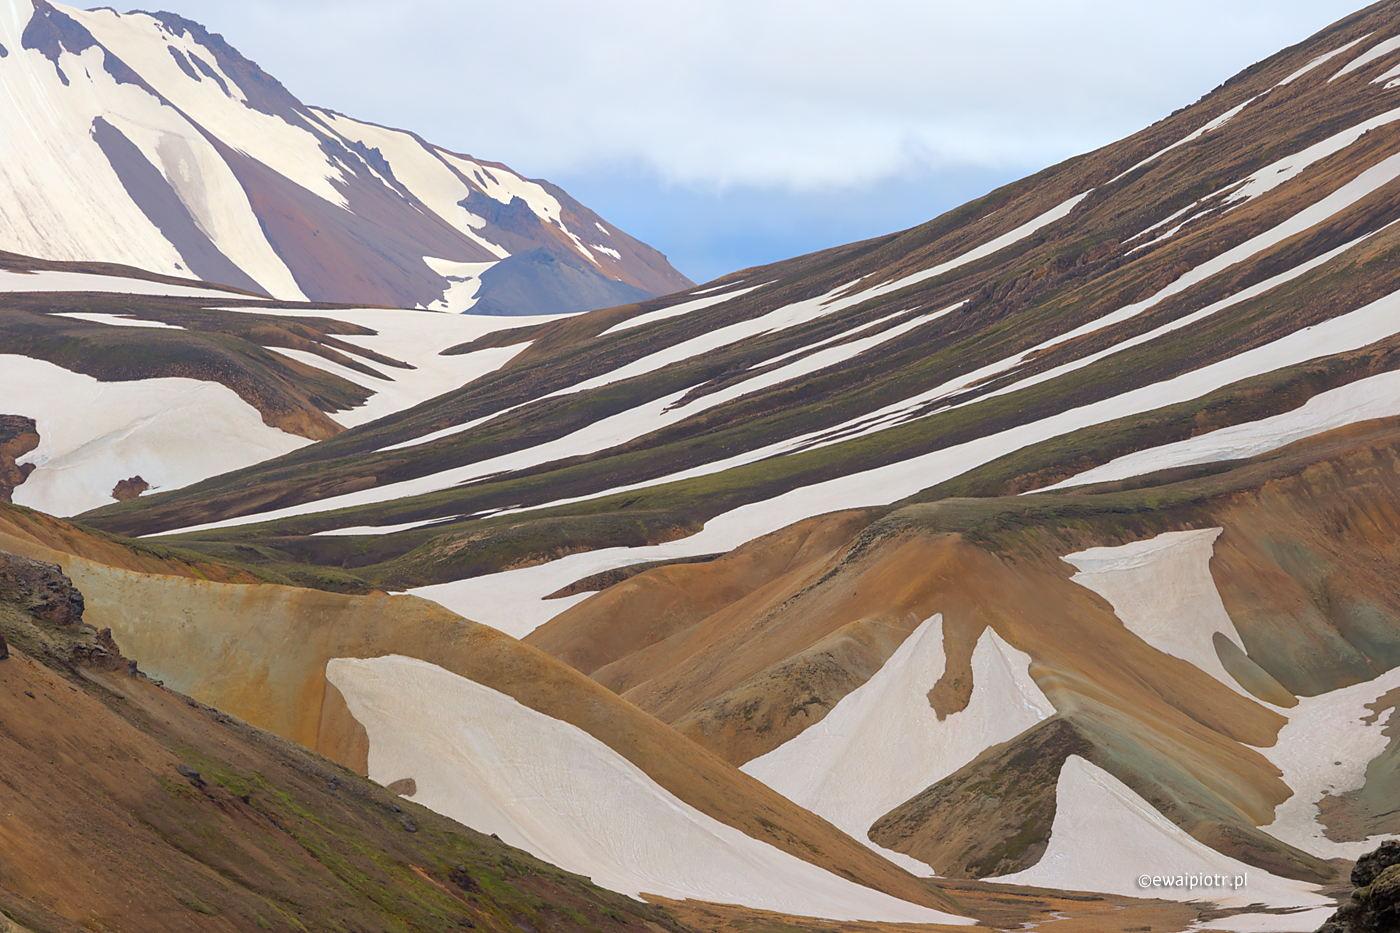 Landmannalaugar w paski, Islandia, jak podróżować po koronawirusie samolotem